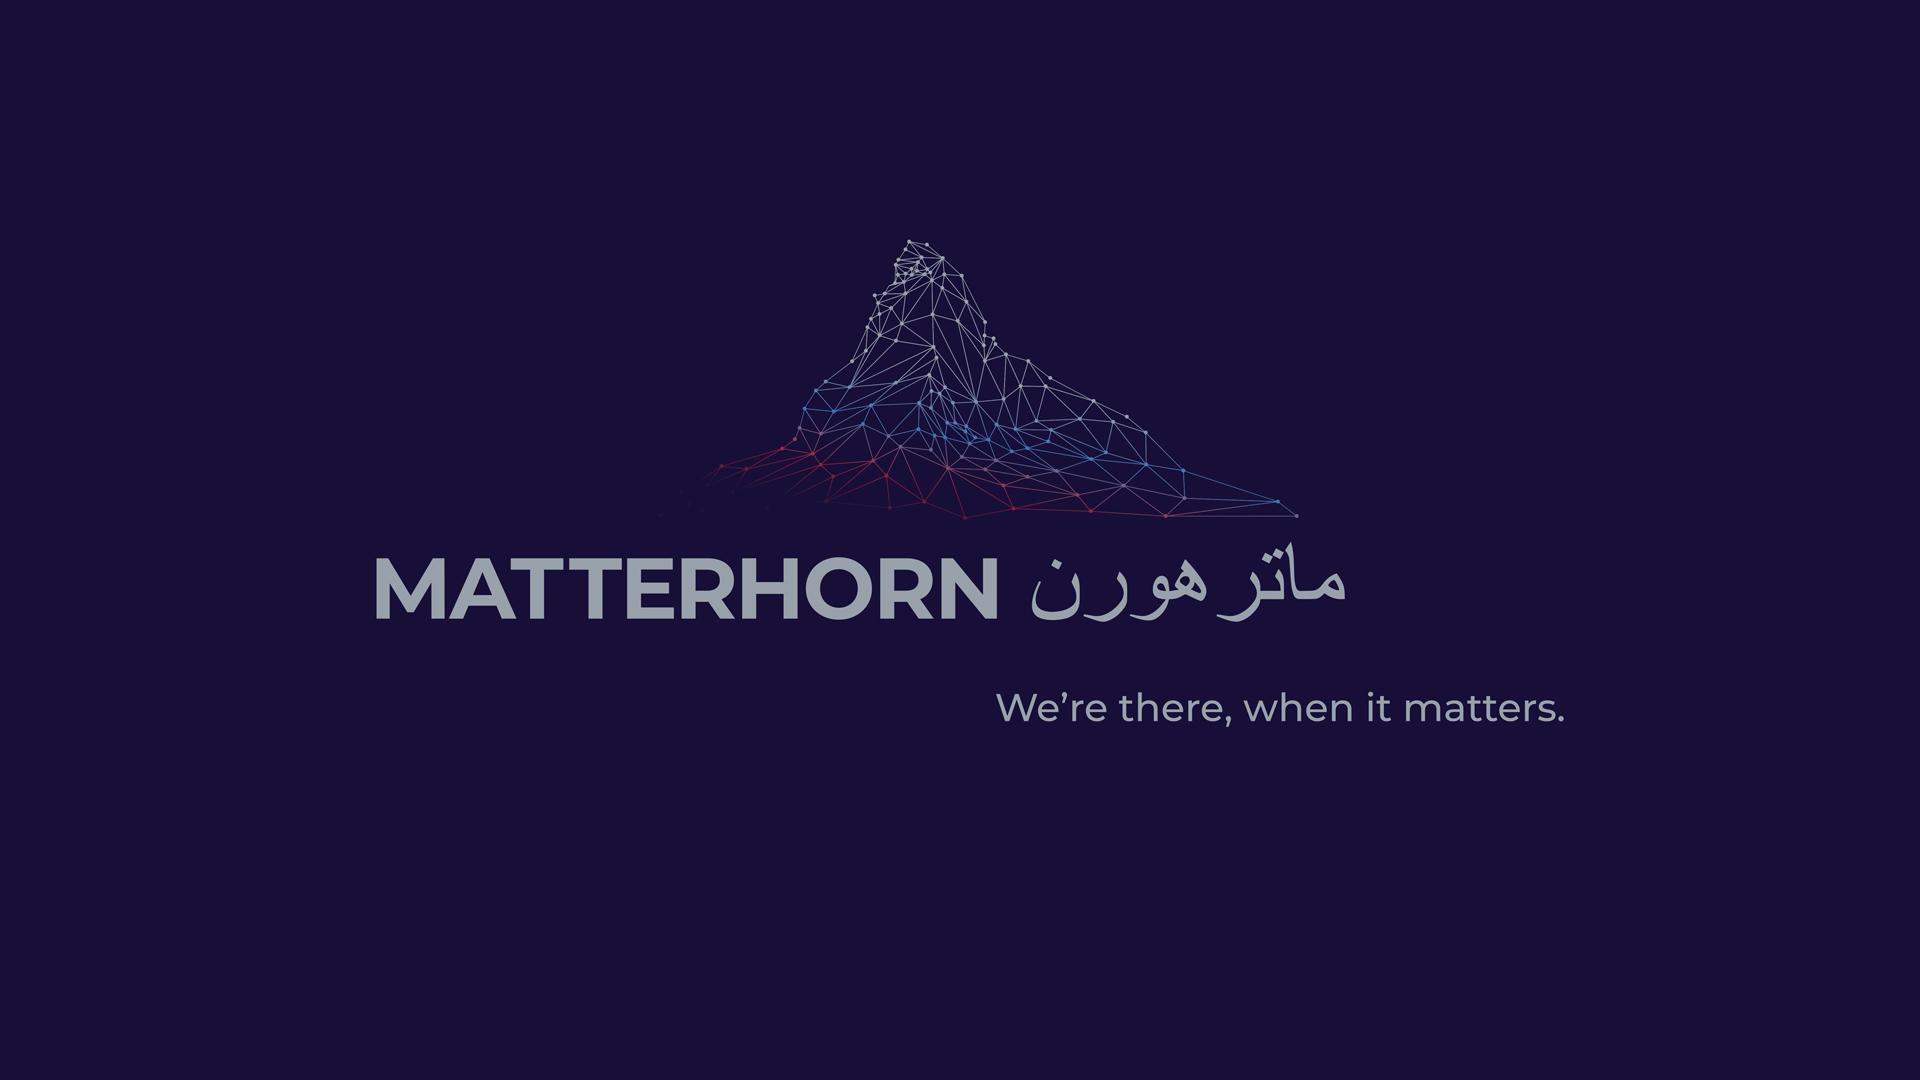 matterhorn - we're there when it matters